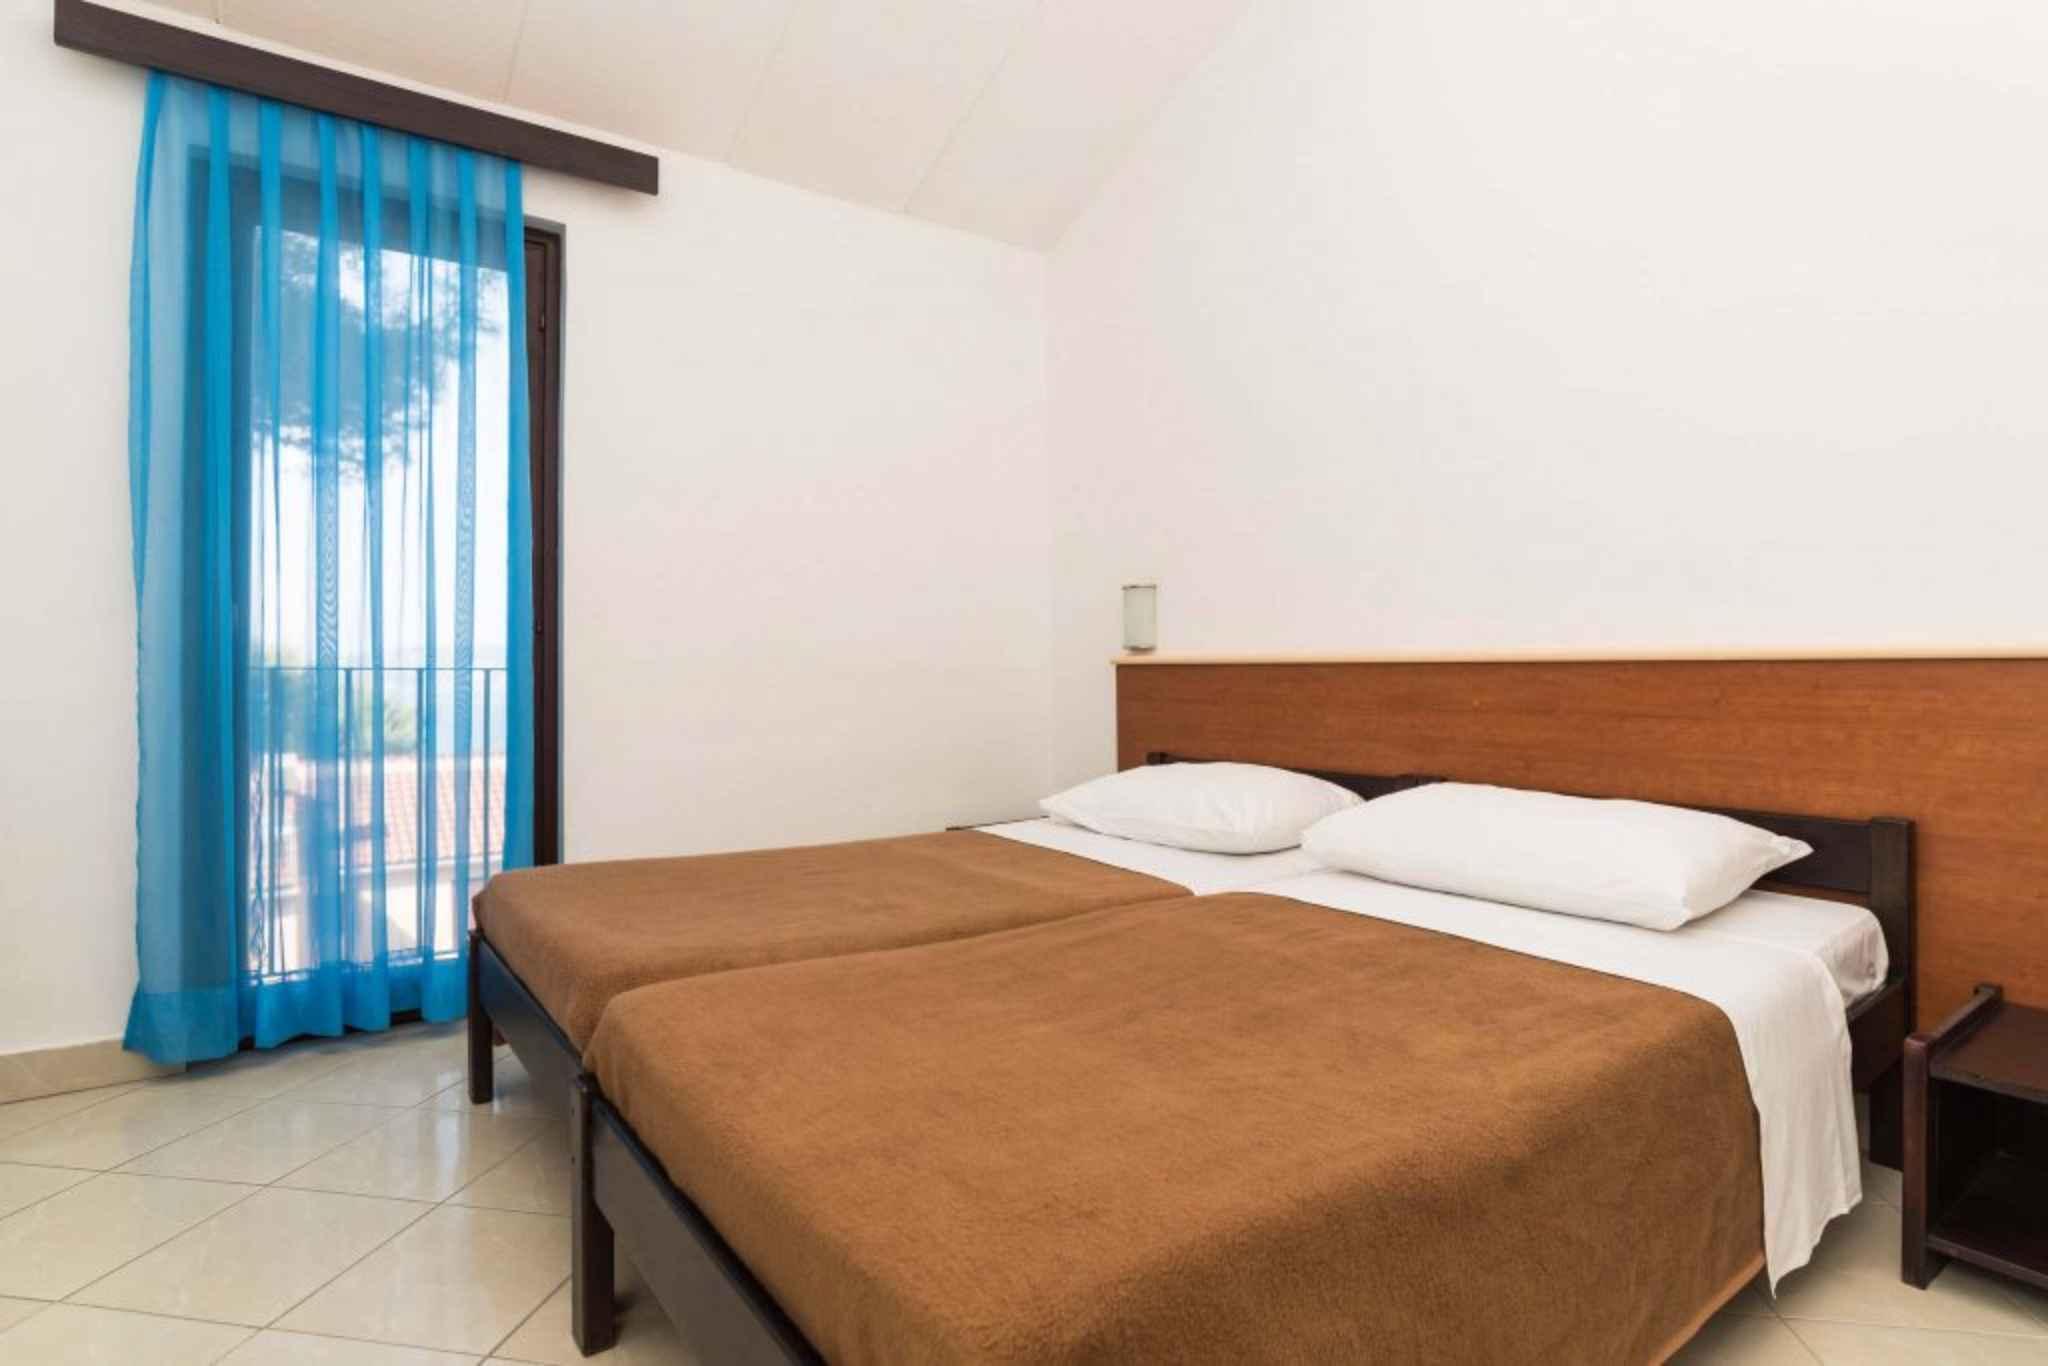 Ferienhaus Bungalow in der Ferienanlage Kanegra (281168), Umag, , Istrien, Kroatien, Bild 10